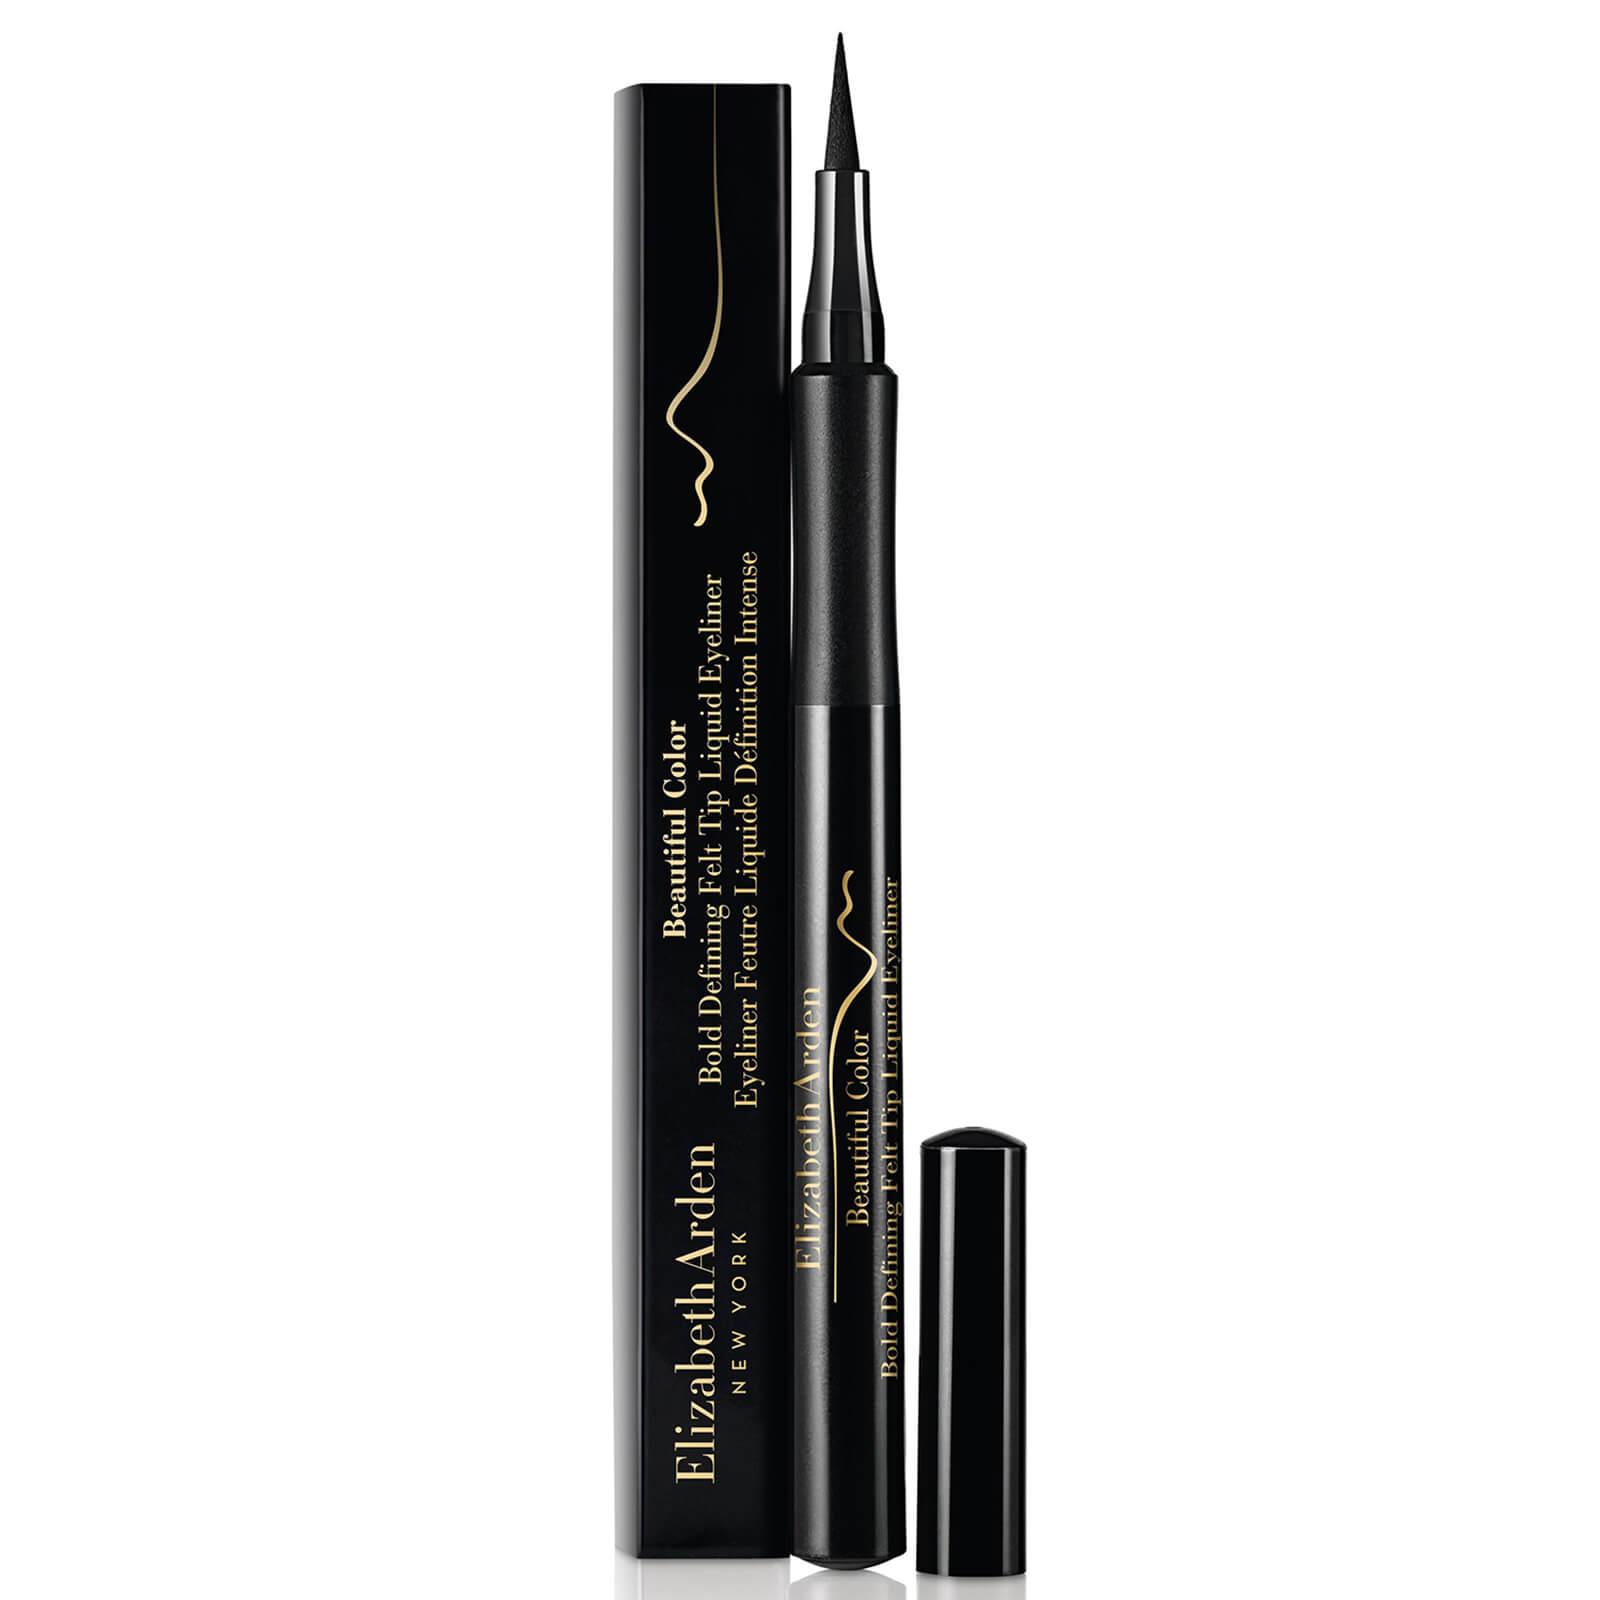 b9f3102d875 Elizabeth Arden Beautiful Colour Bold Defining Felt Tip Liquid Eye Liner -  Seriously Black 1.2ml | Free Shipping | Lookfantastic